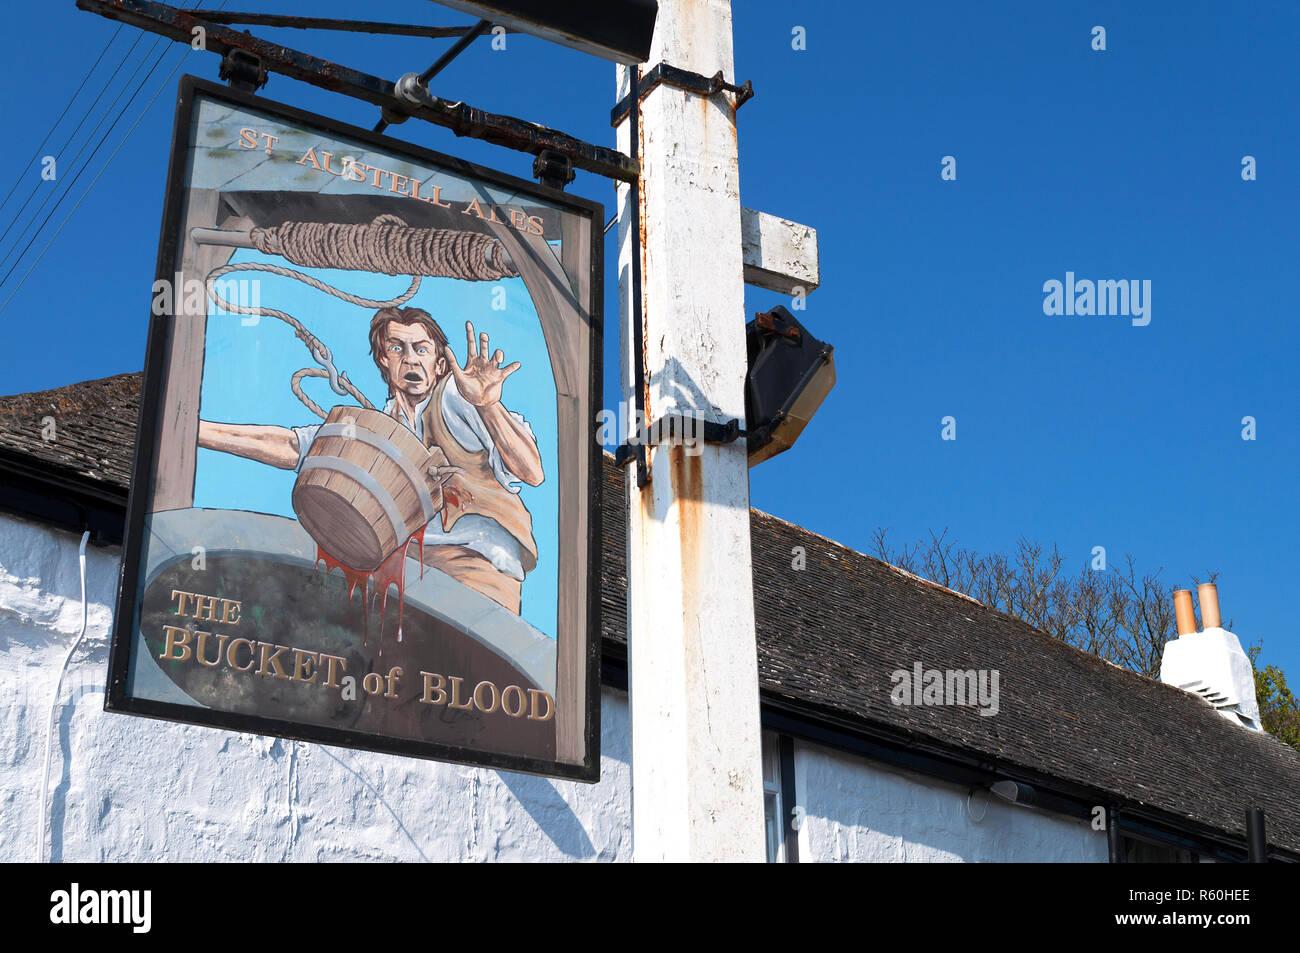 Il famigerato secchio di sangue pub nel villaggio di phillack vicino Hayle, Cornwall, Inghilterra, Regno Unito. Immagini Stock